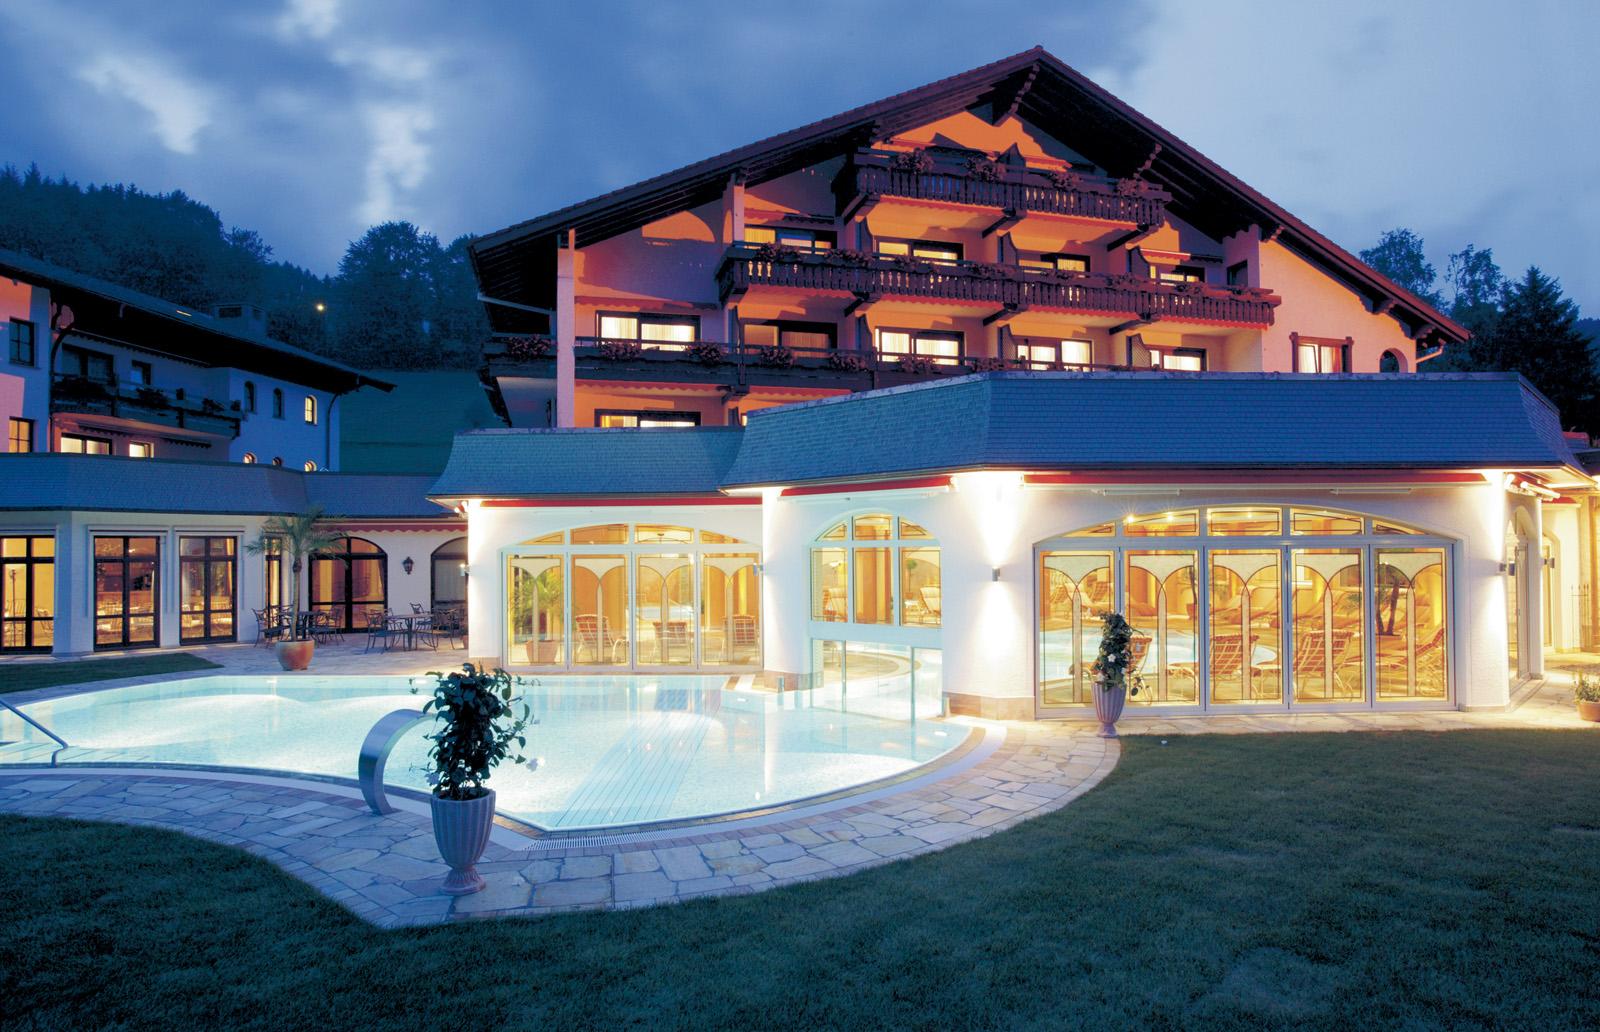 Aussenpool bei Nacht - Hotel Engel, Baierbronn / Obertal